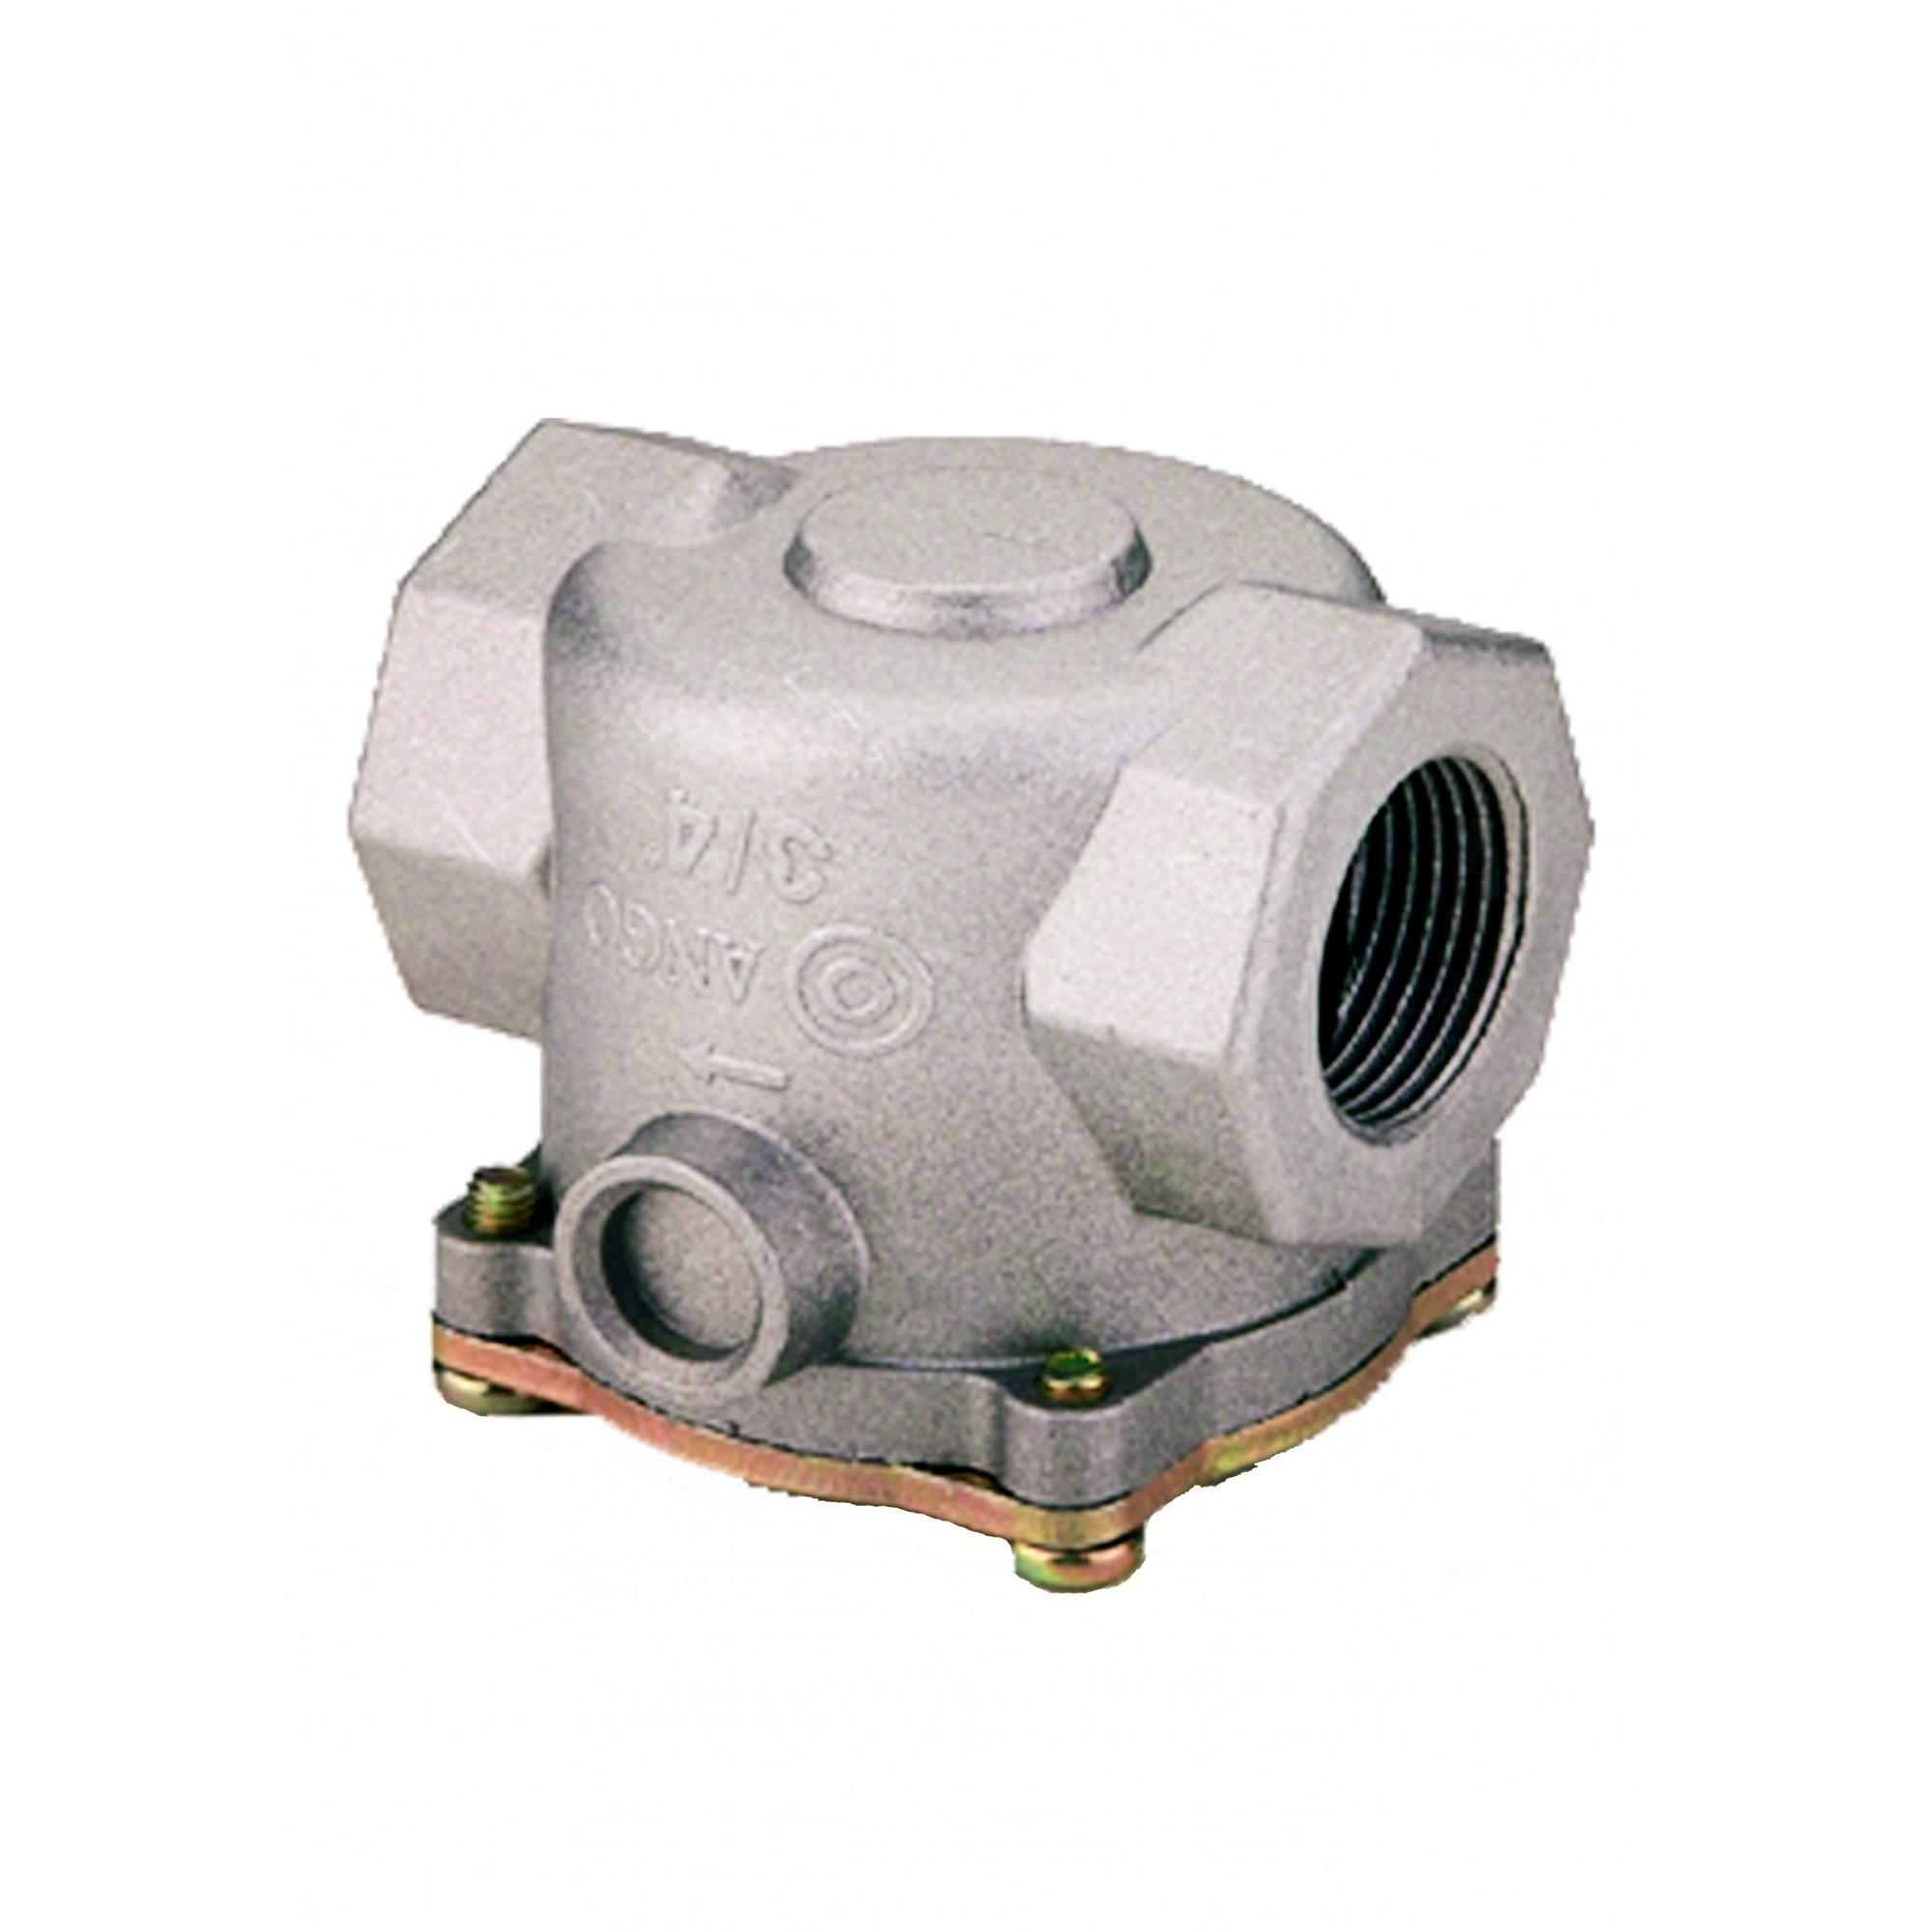 Фильтр газовый 1/2 ANGO алюминиевый ANGO - 1